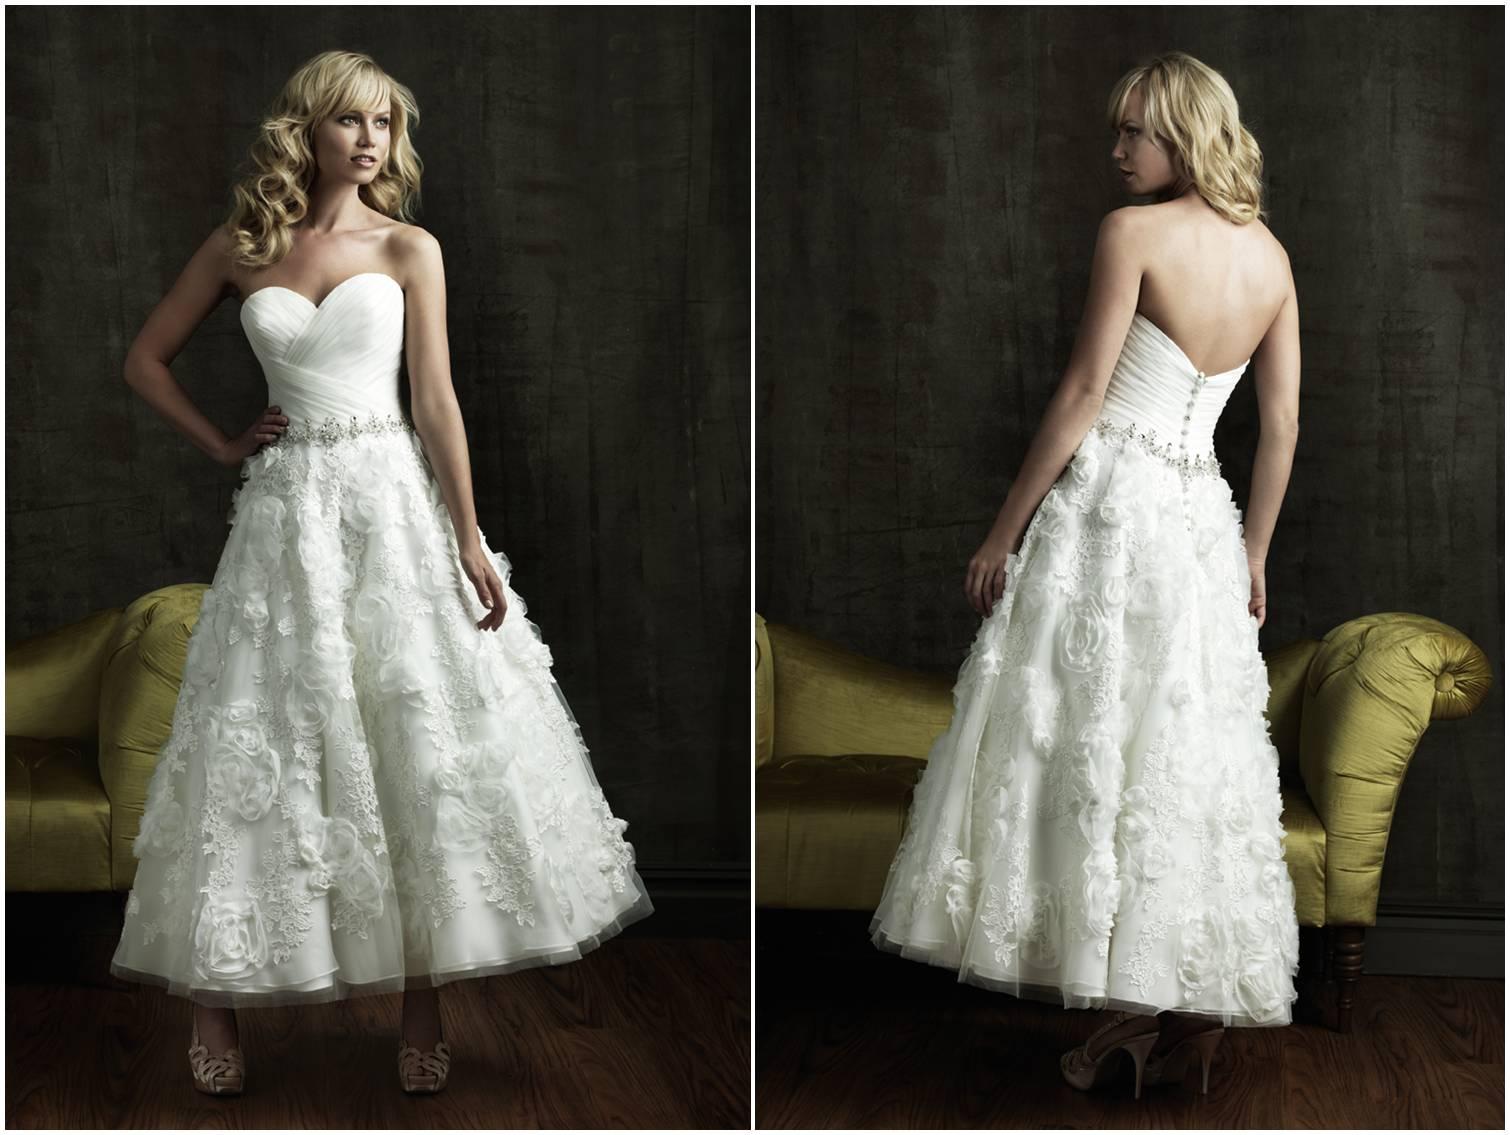 evetichwill.de - Heiraten auf Türkisch: Kleider für das Standesamt ...